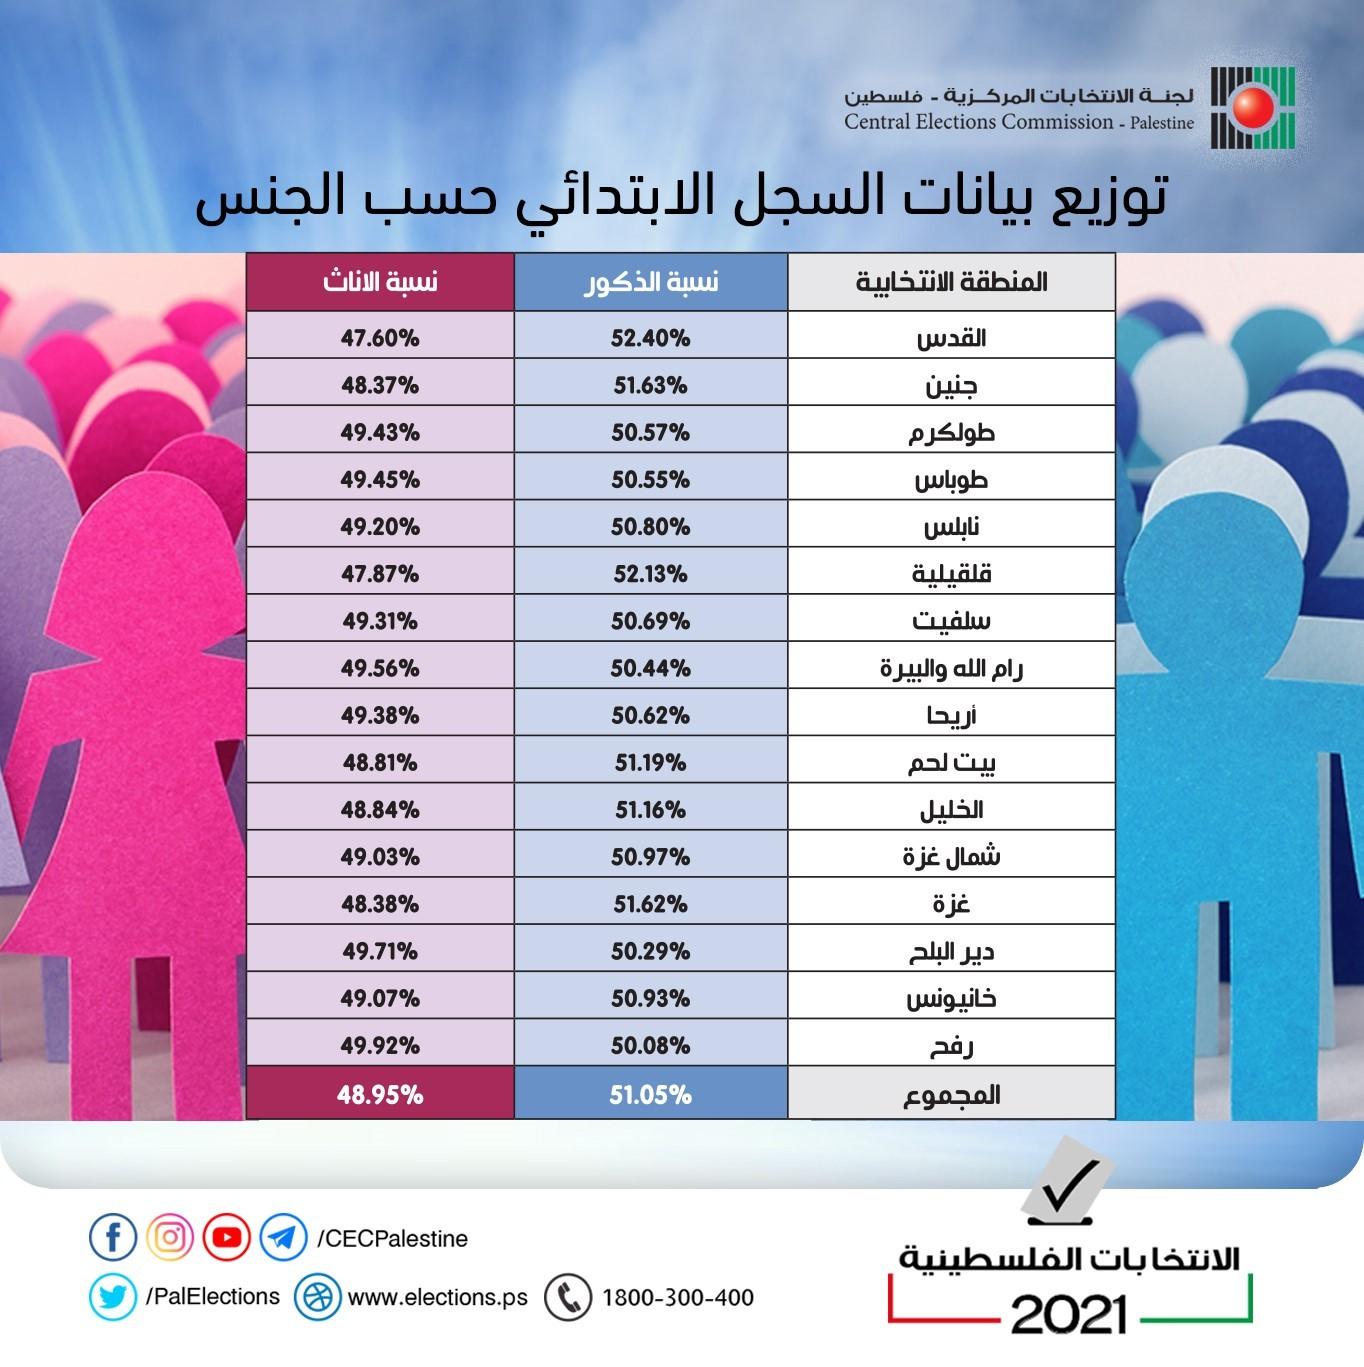 المرأة الانتخابات الفلسطينية.jpg